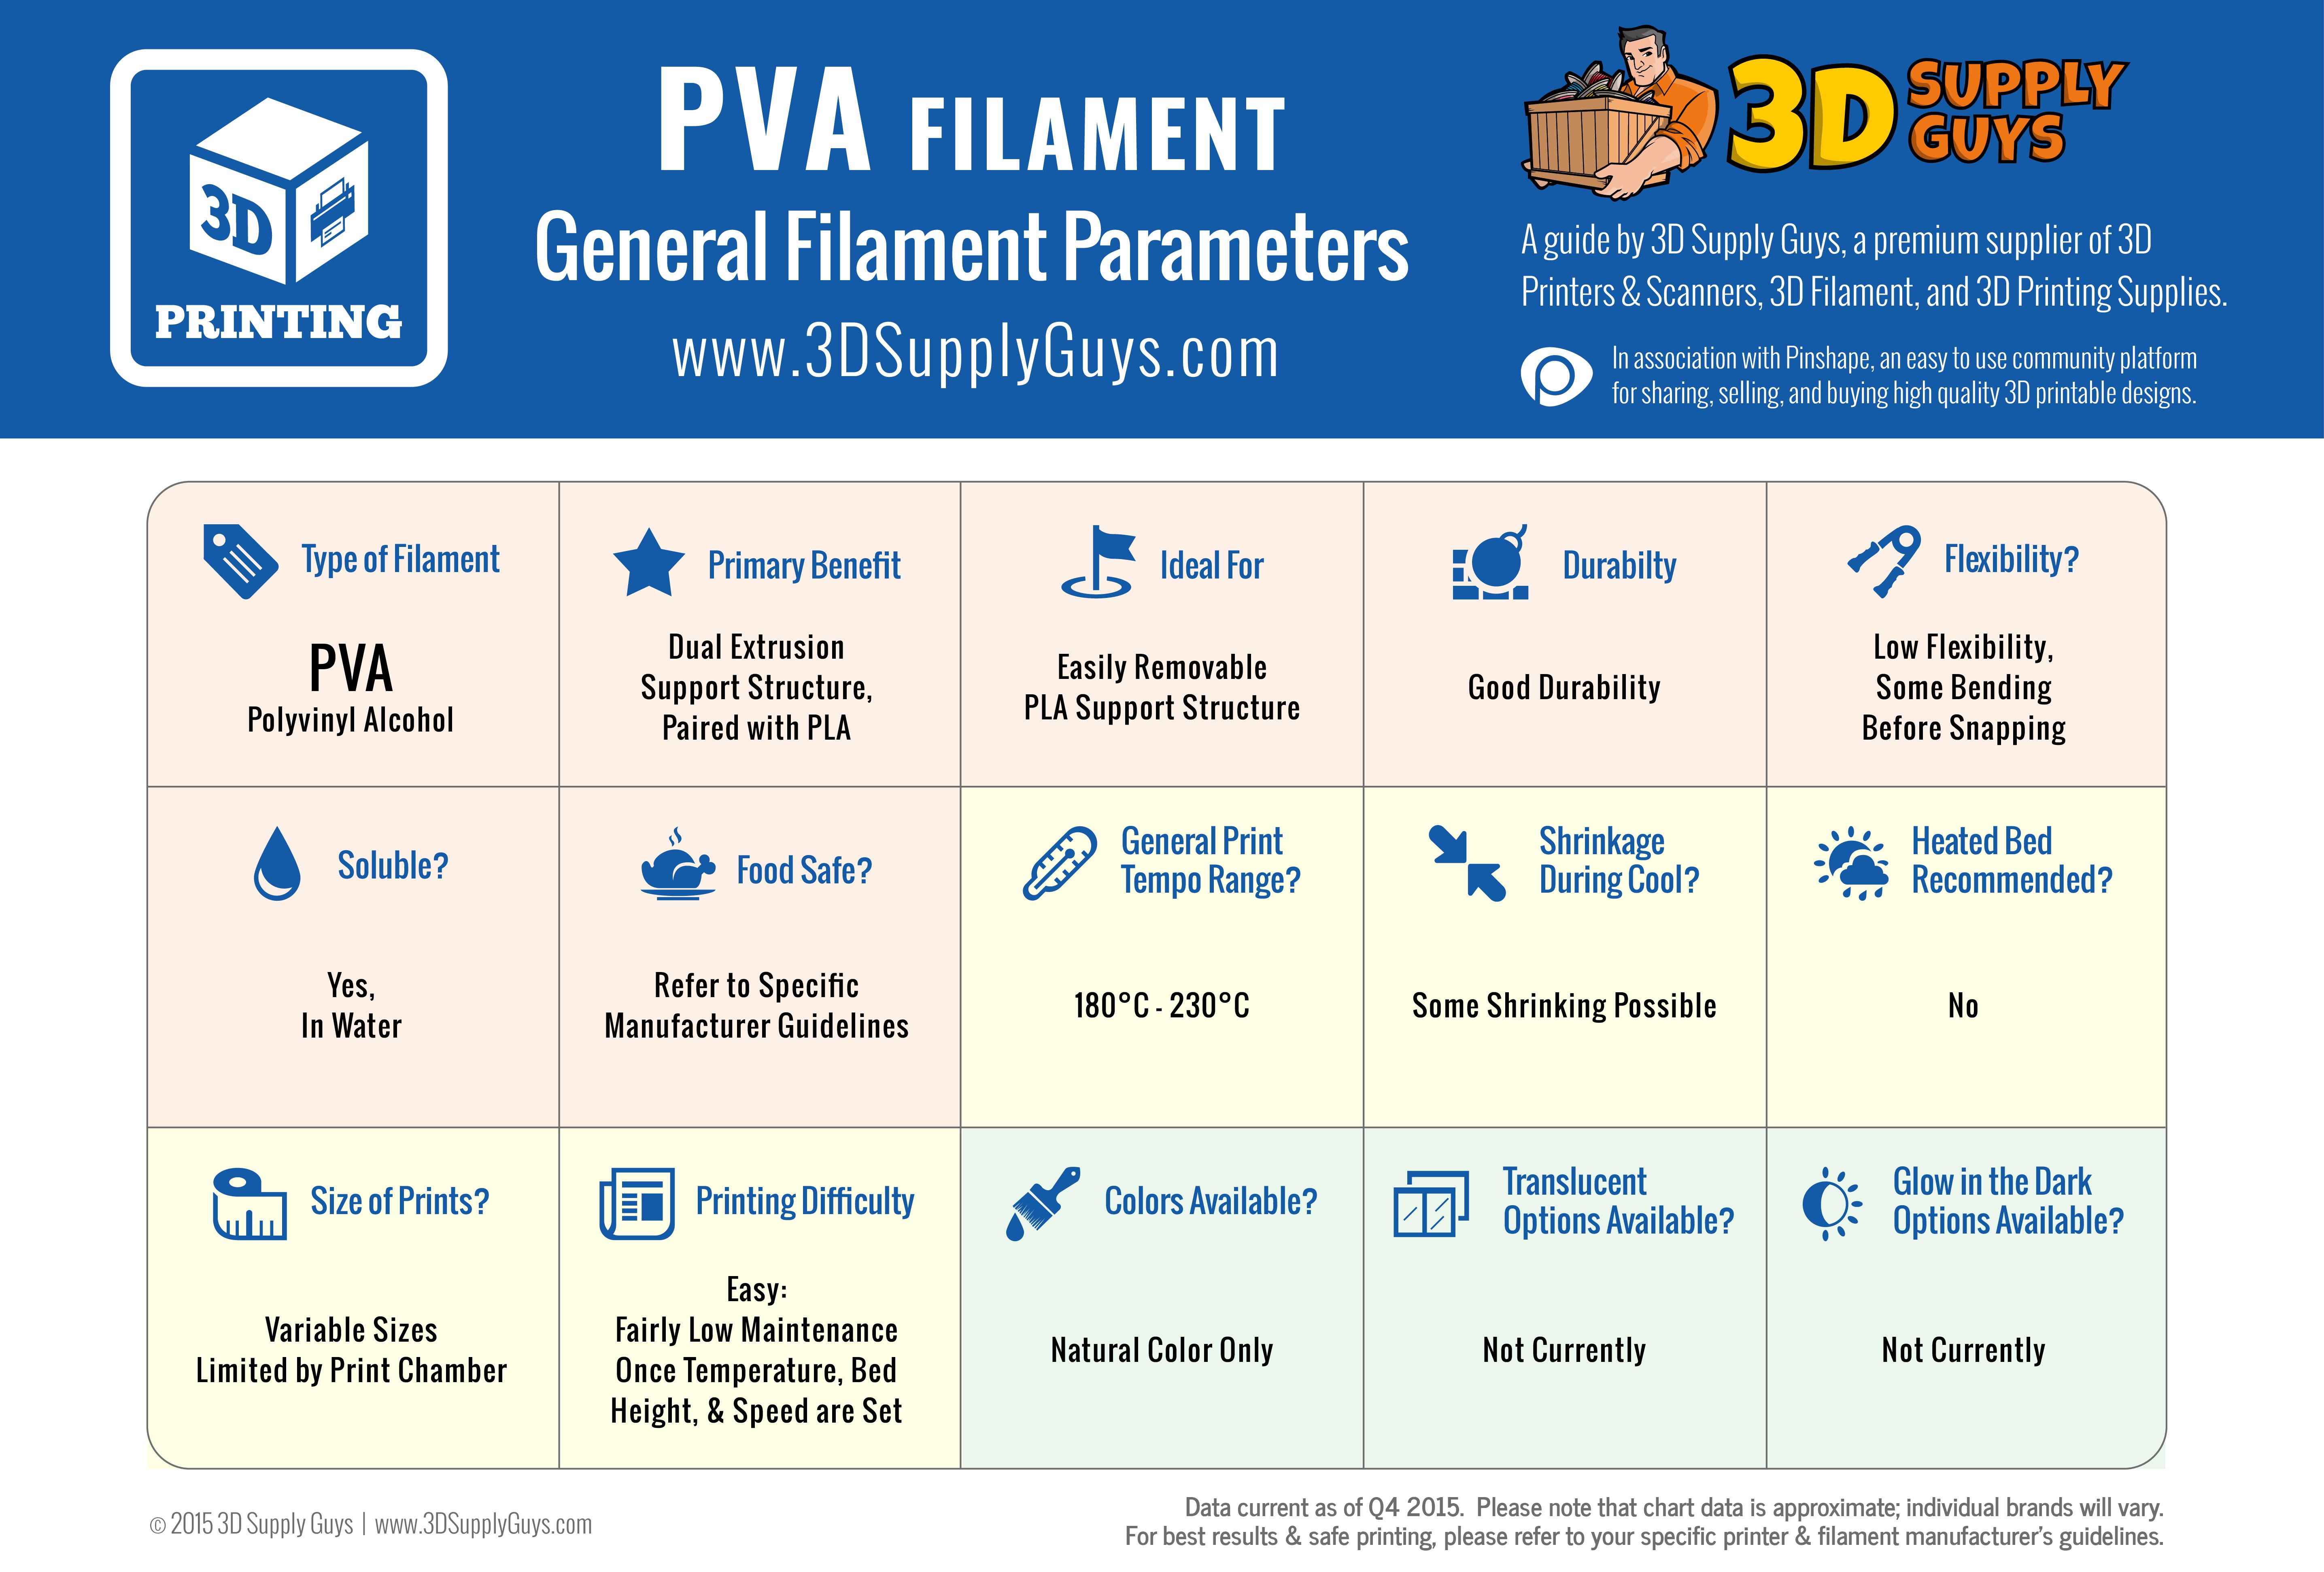 3D printing filament PVA